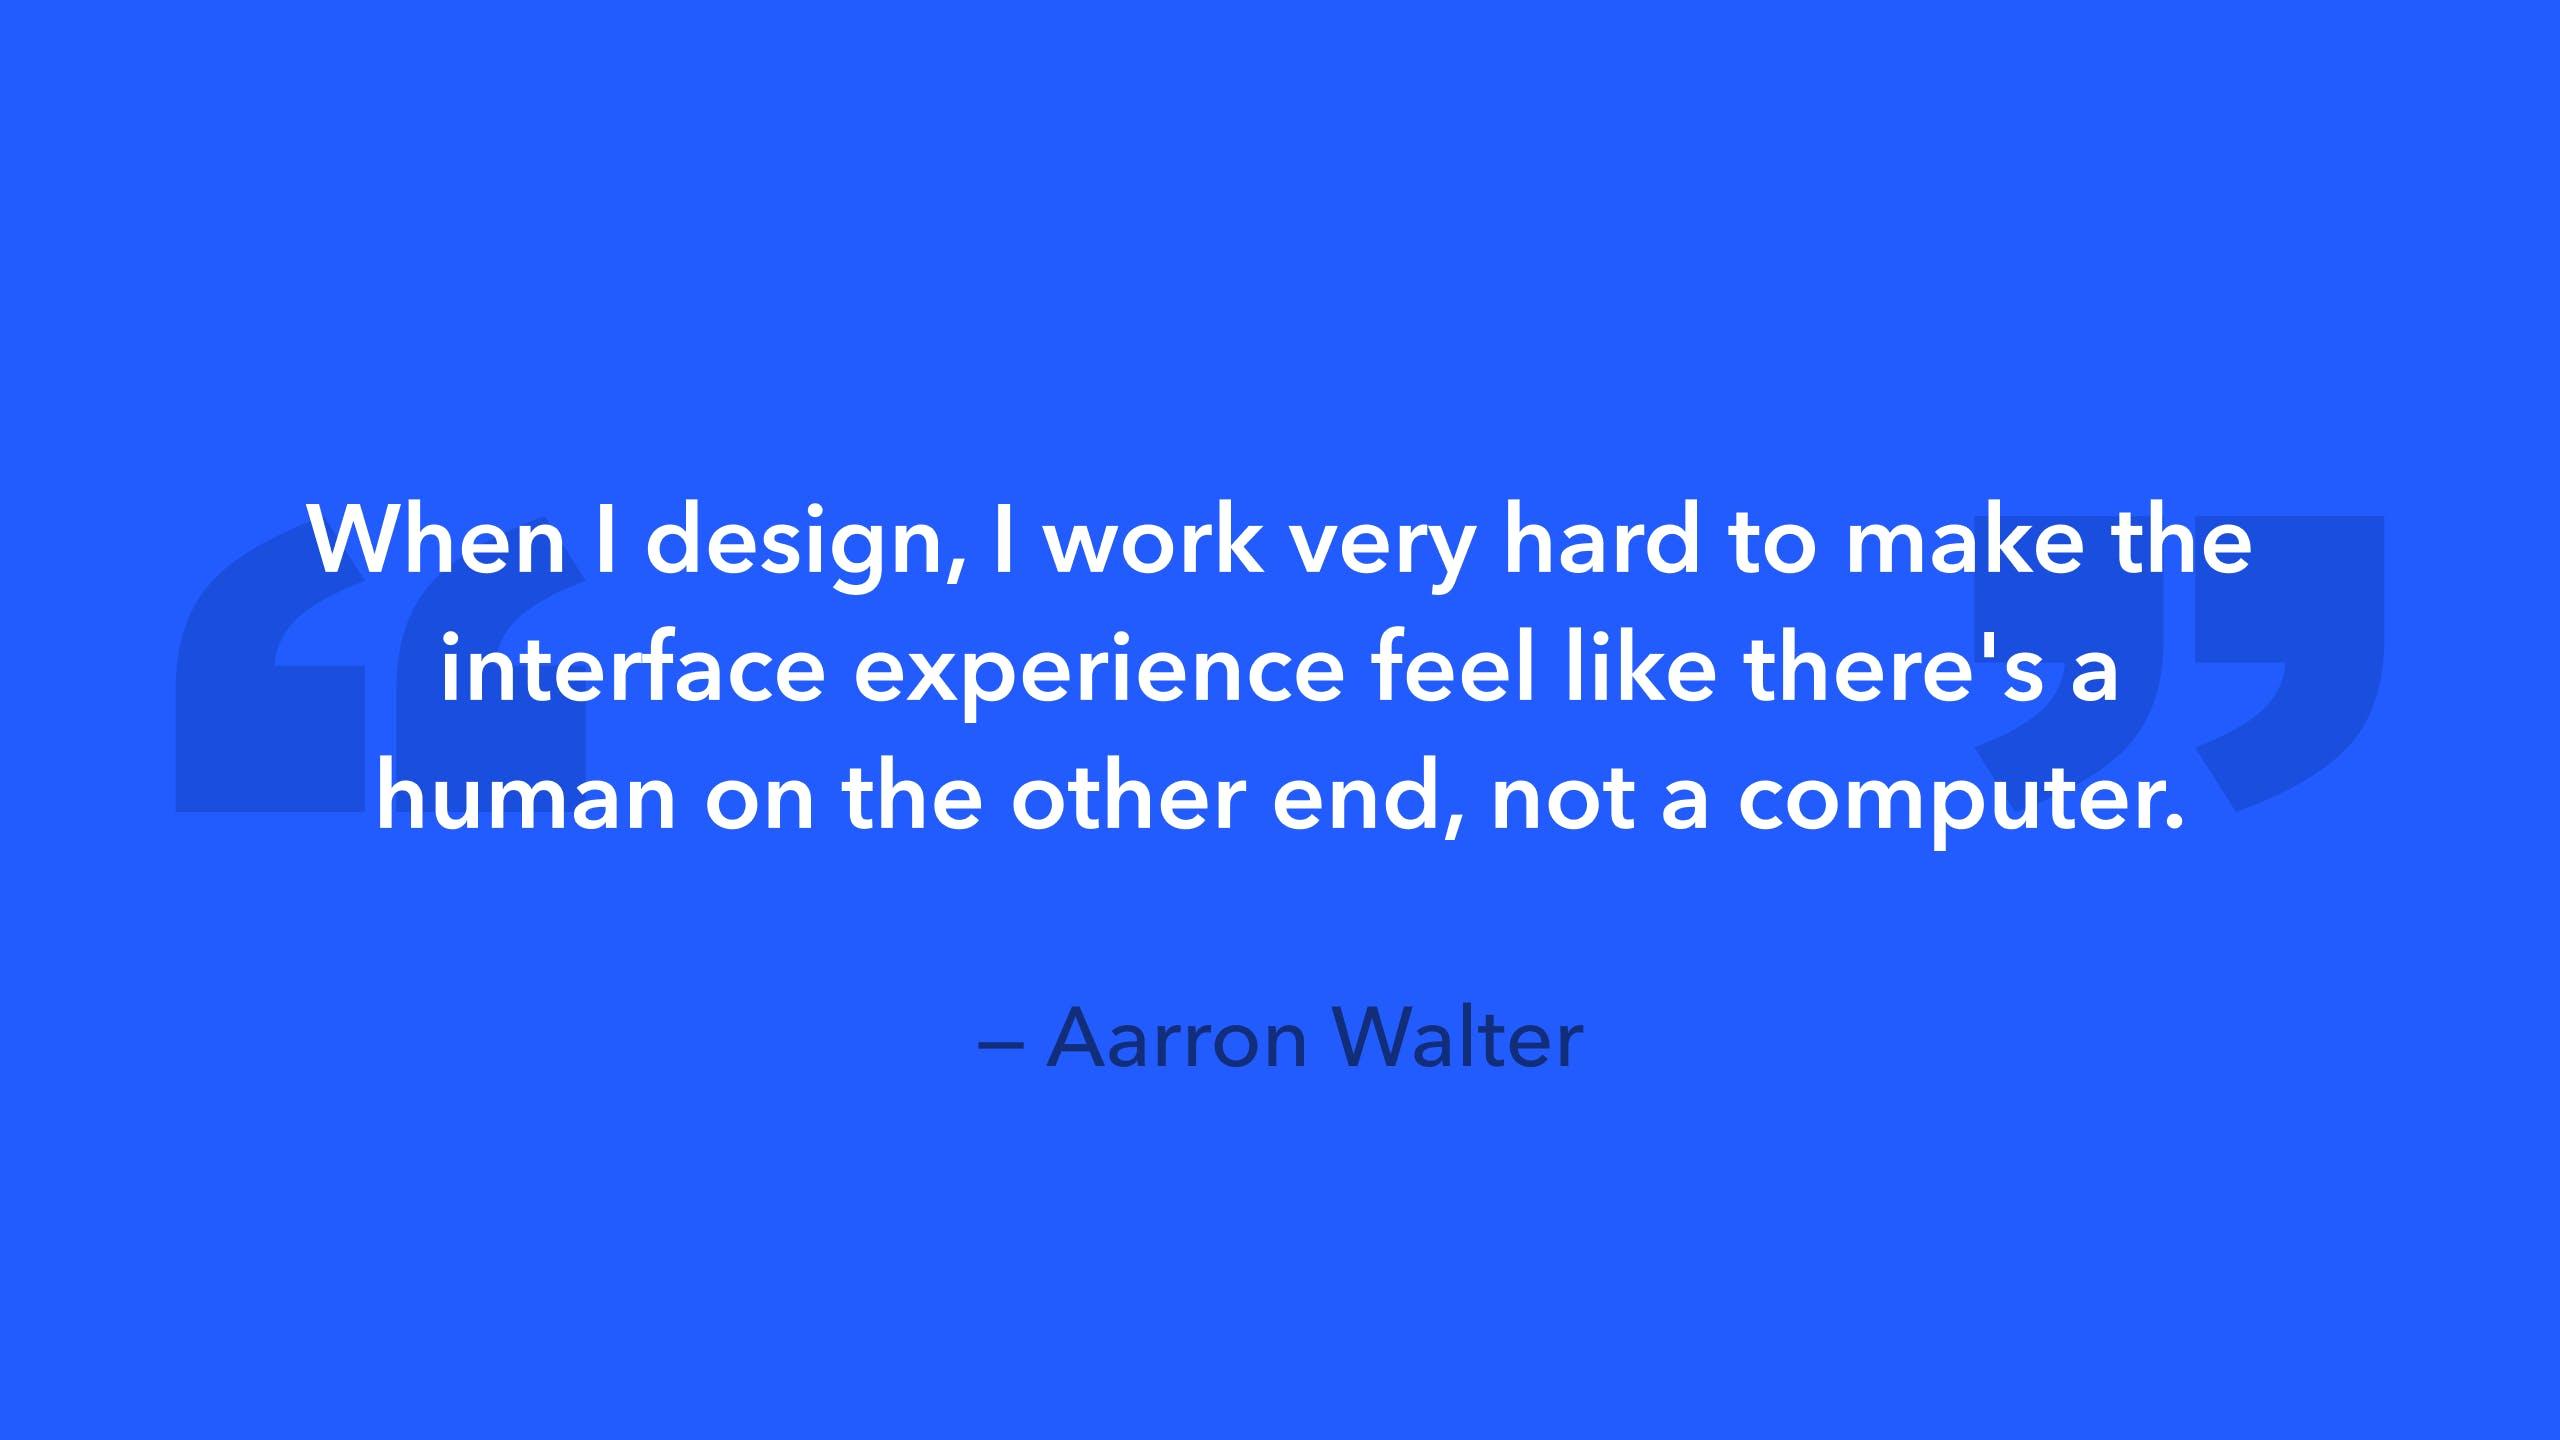 design quote Aaron Walter